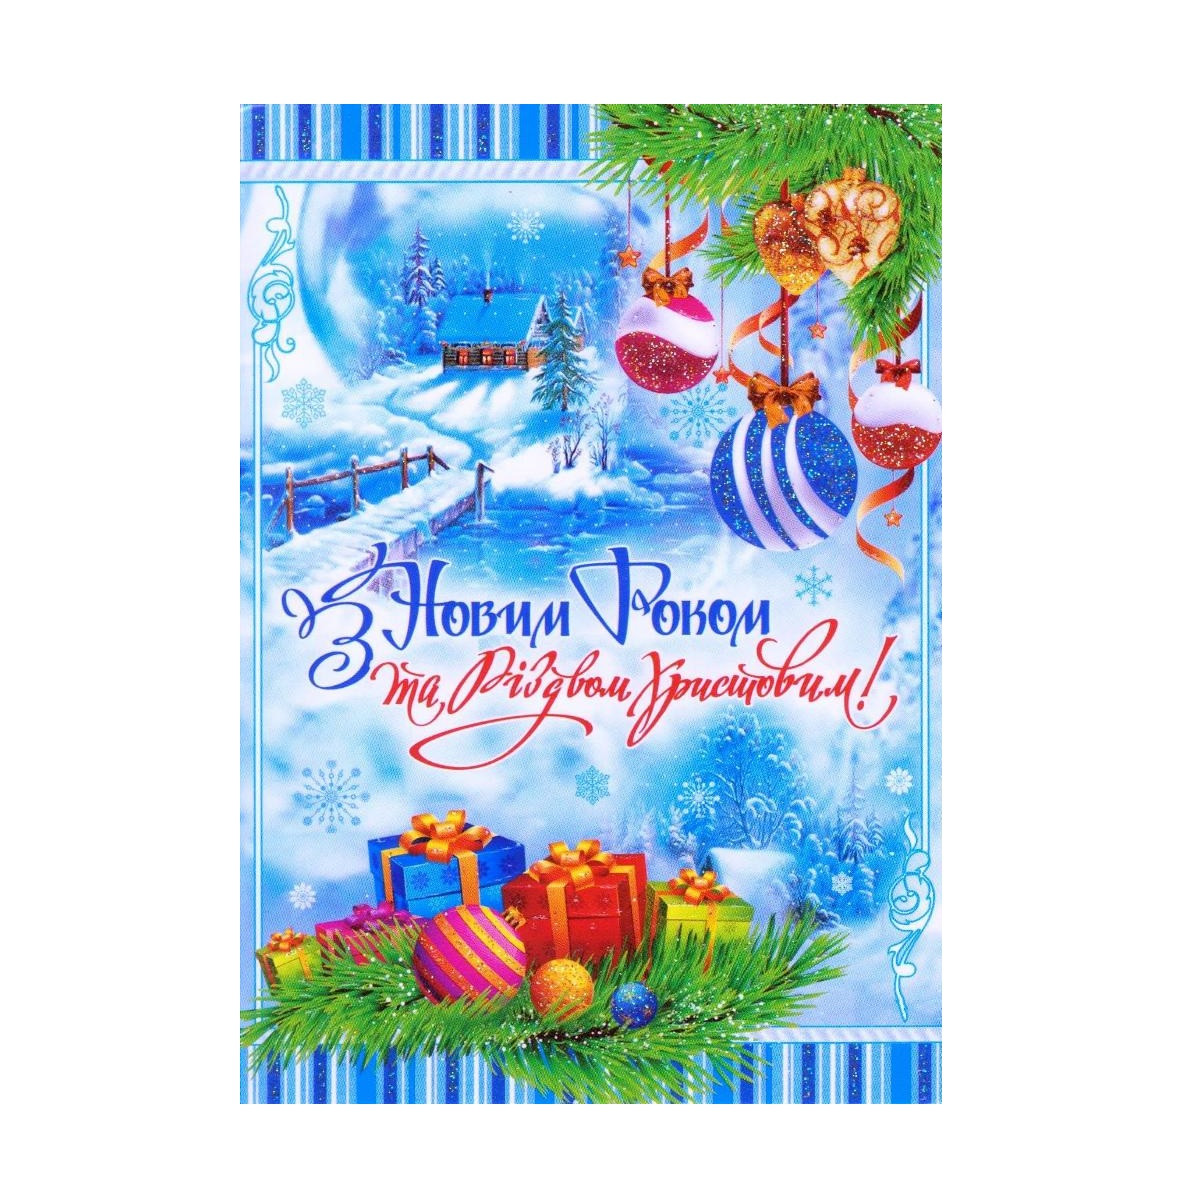 """Листівка """"З Новим Роком та Різдвом Христовим!"""" 14.981 поштова"""